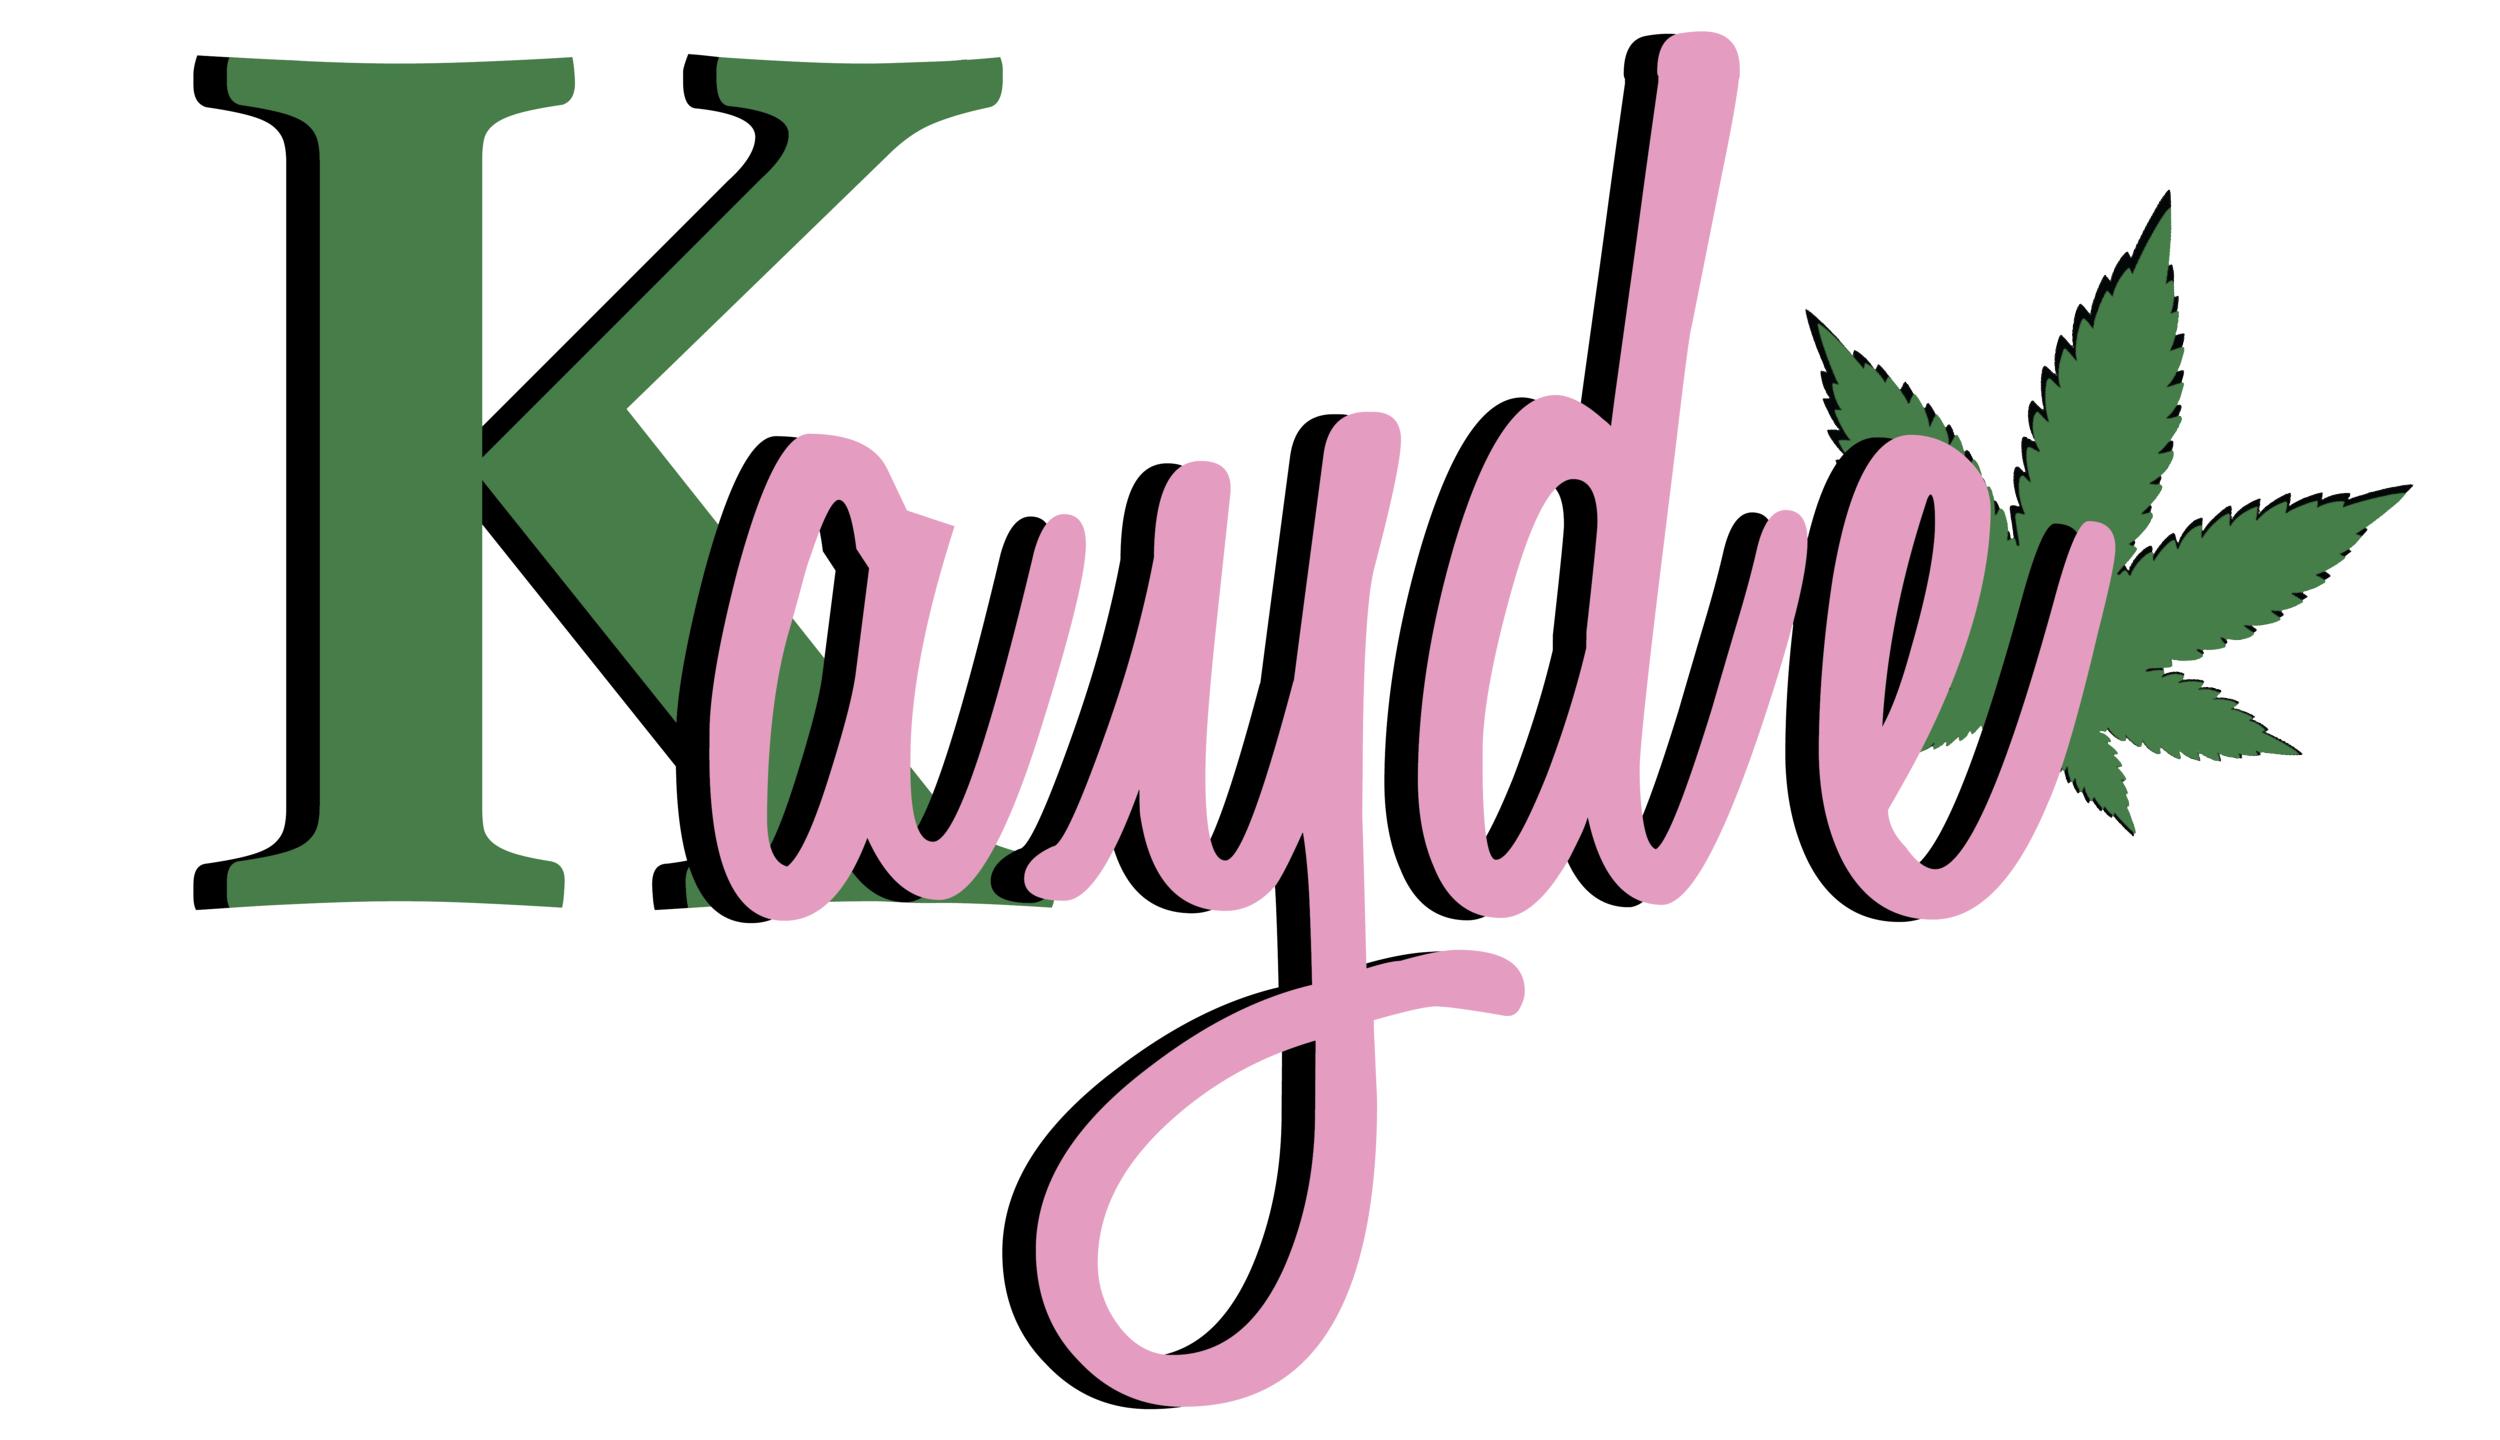 KaydeLogo20191.png